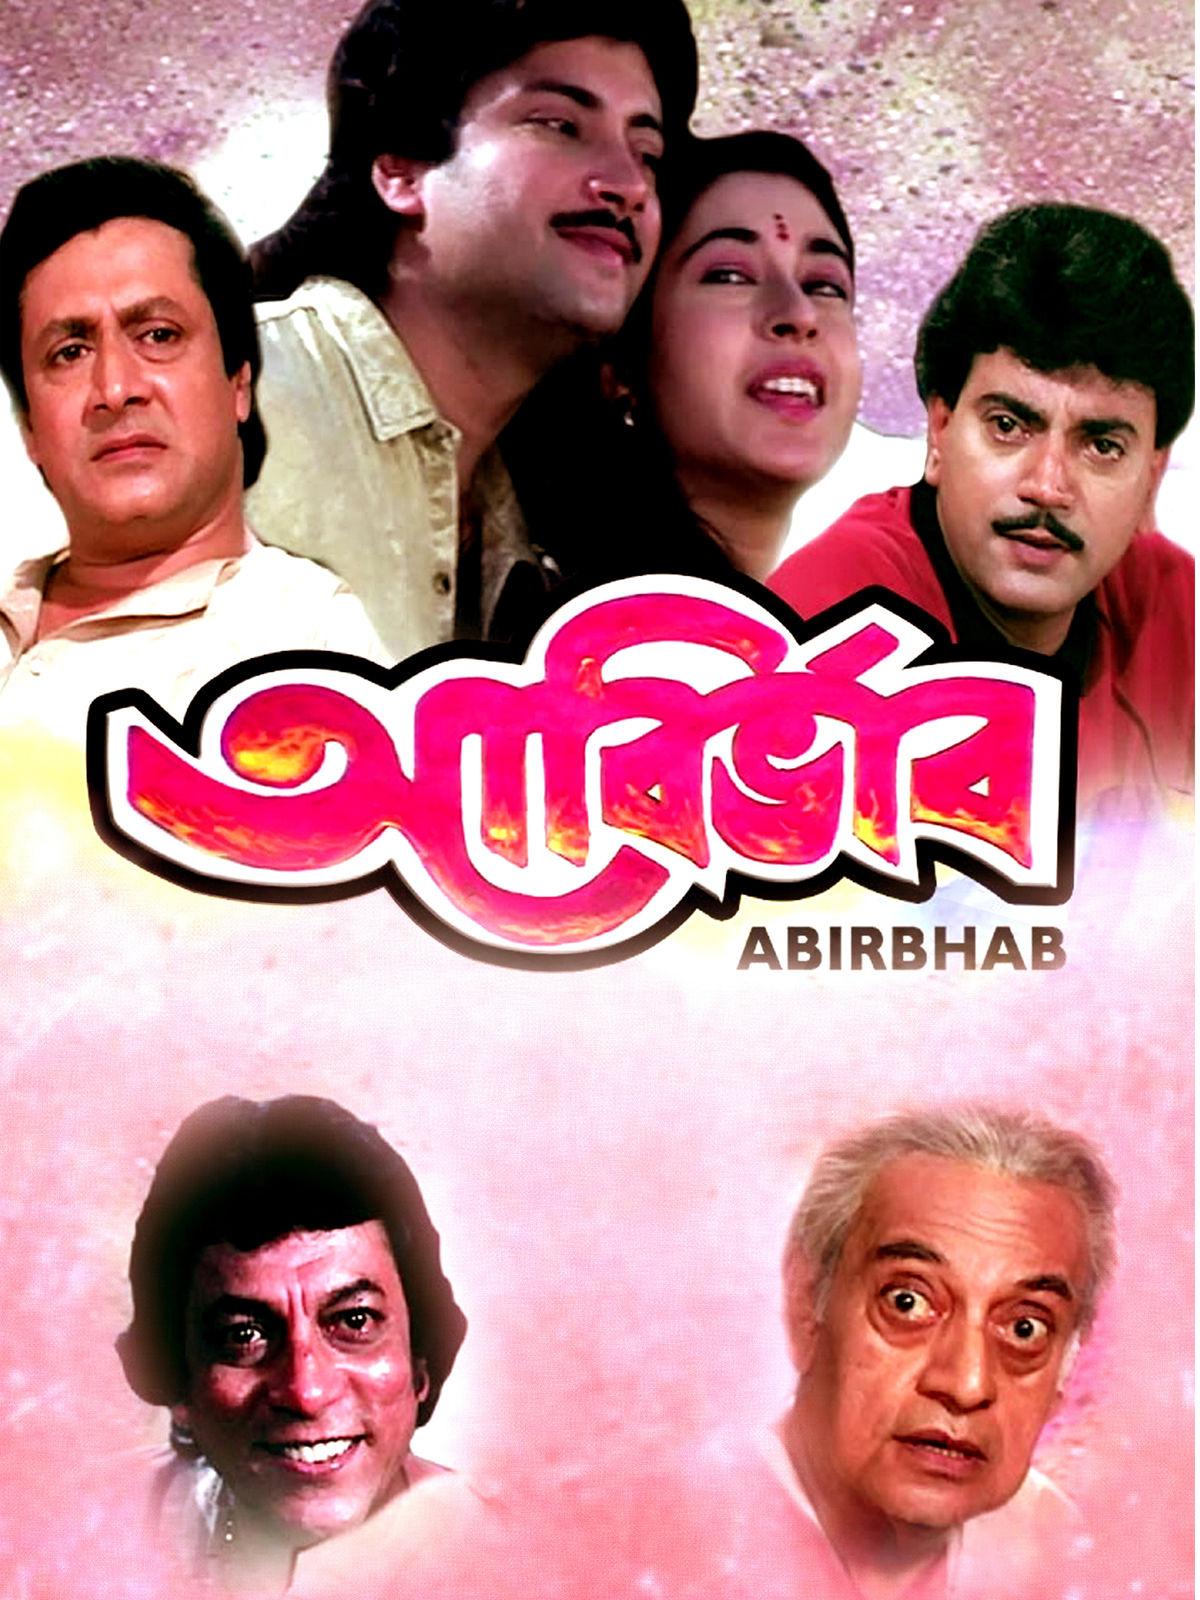 Abirbhab